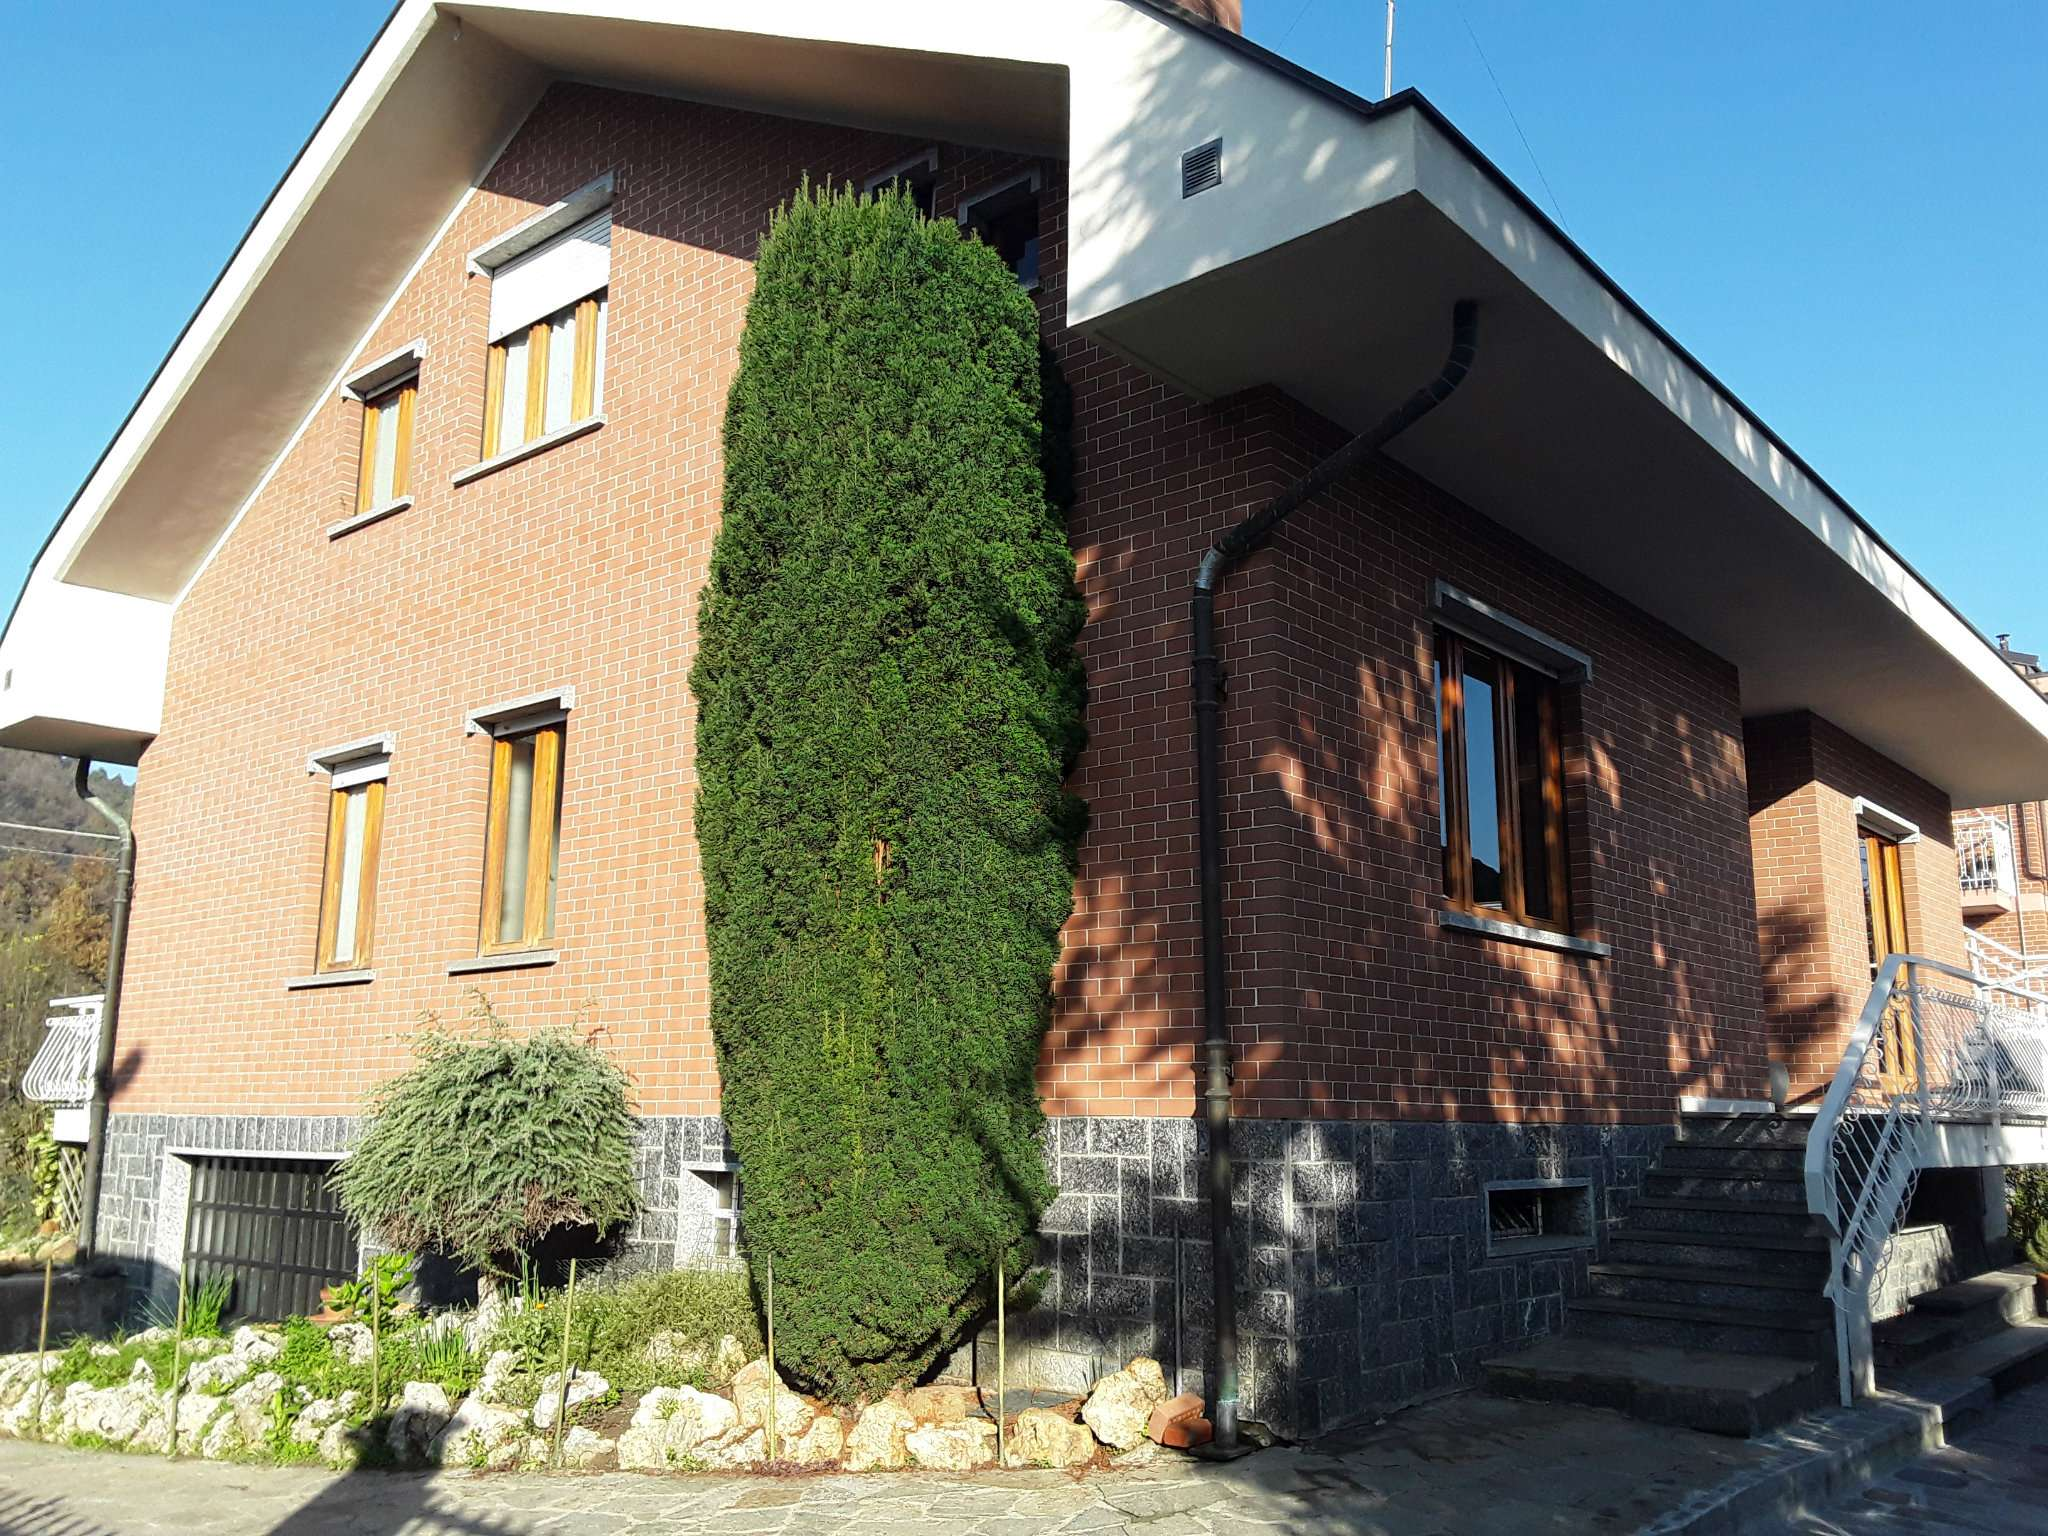 Villa Bifamiliare in vendita a Caselette, 8 locali, prezzo € 369.000 | CambioCasa.it